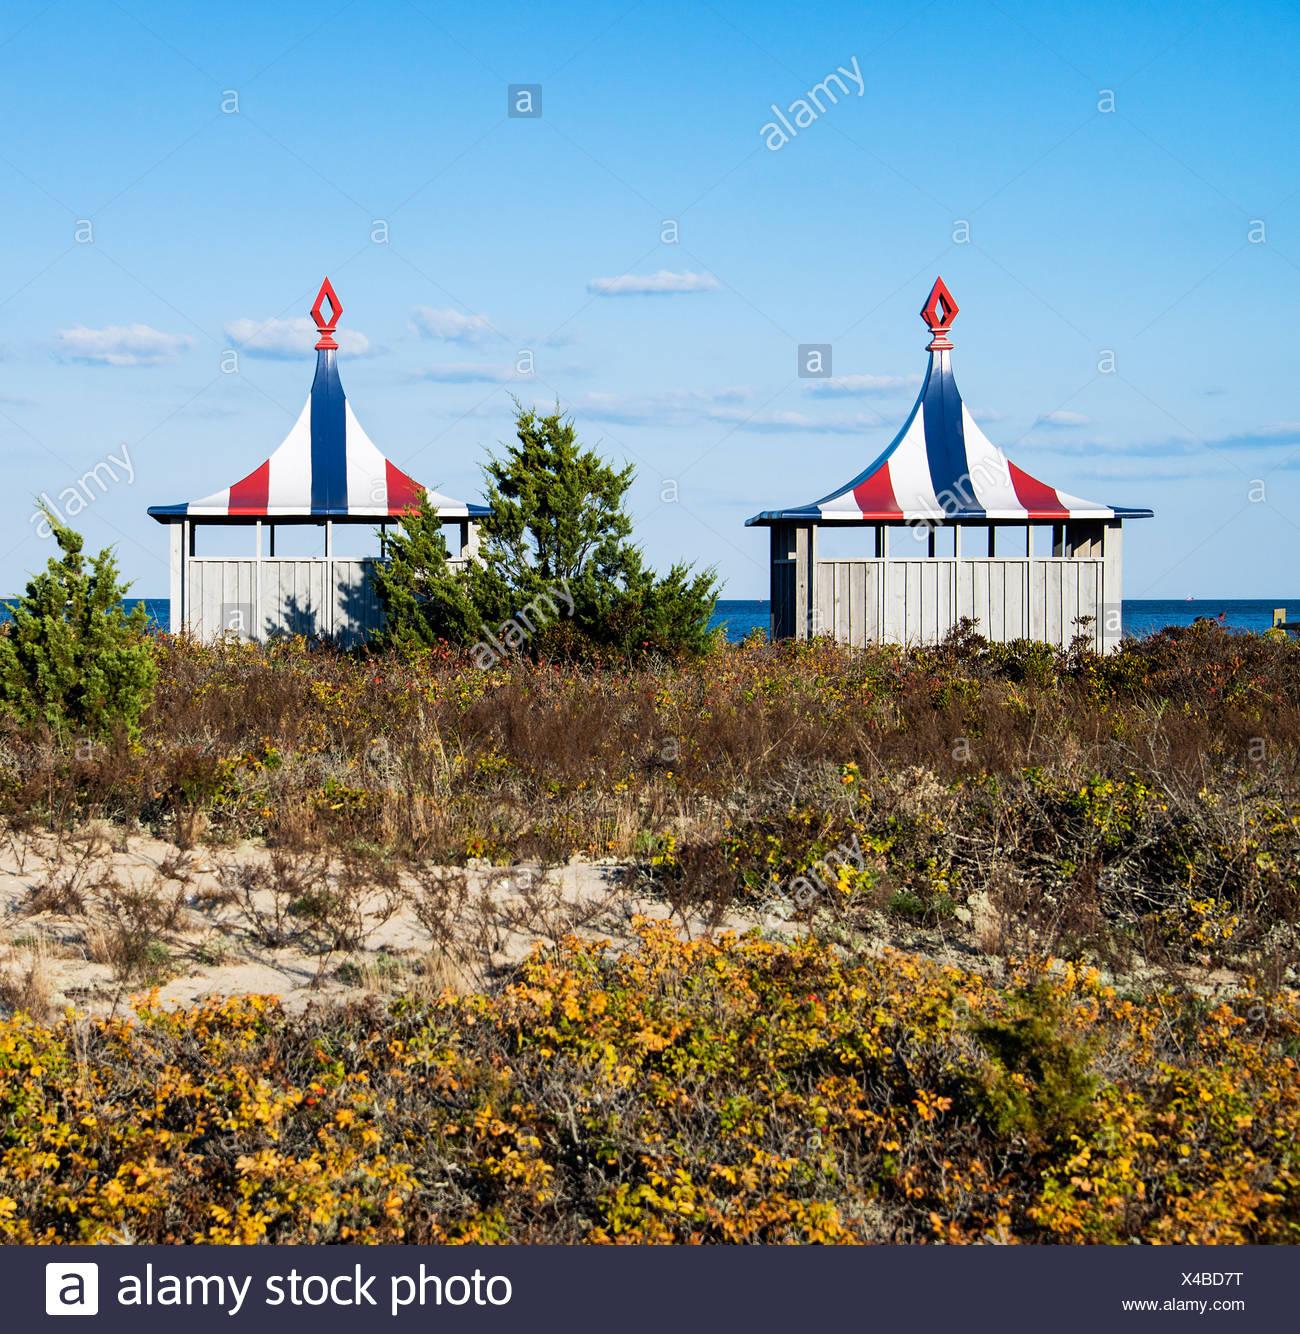 Beach huts at the Chappaquiddick Beach Club, Martha's Vineyard, Massachusetts, USA - Stock Image